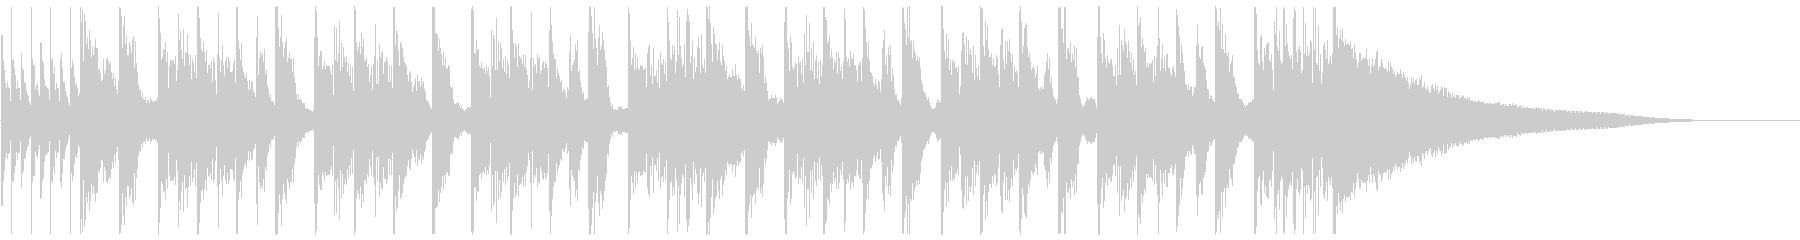 モータウン系のキュートな楽曲でゲスト登場の未再生の波形